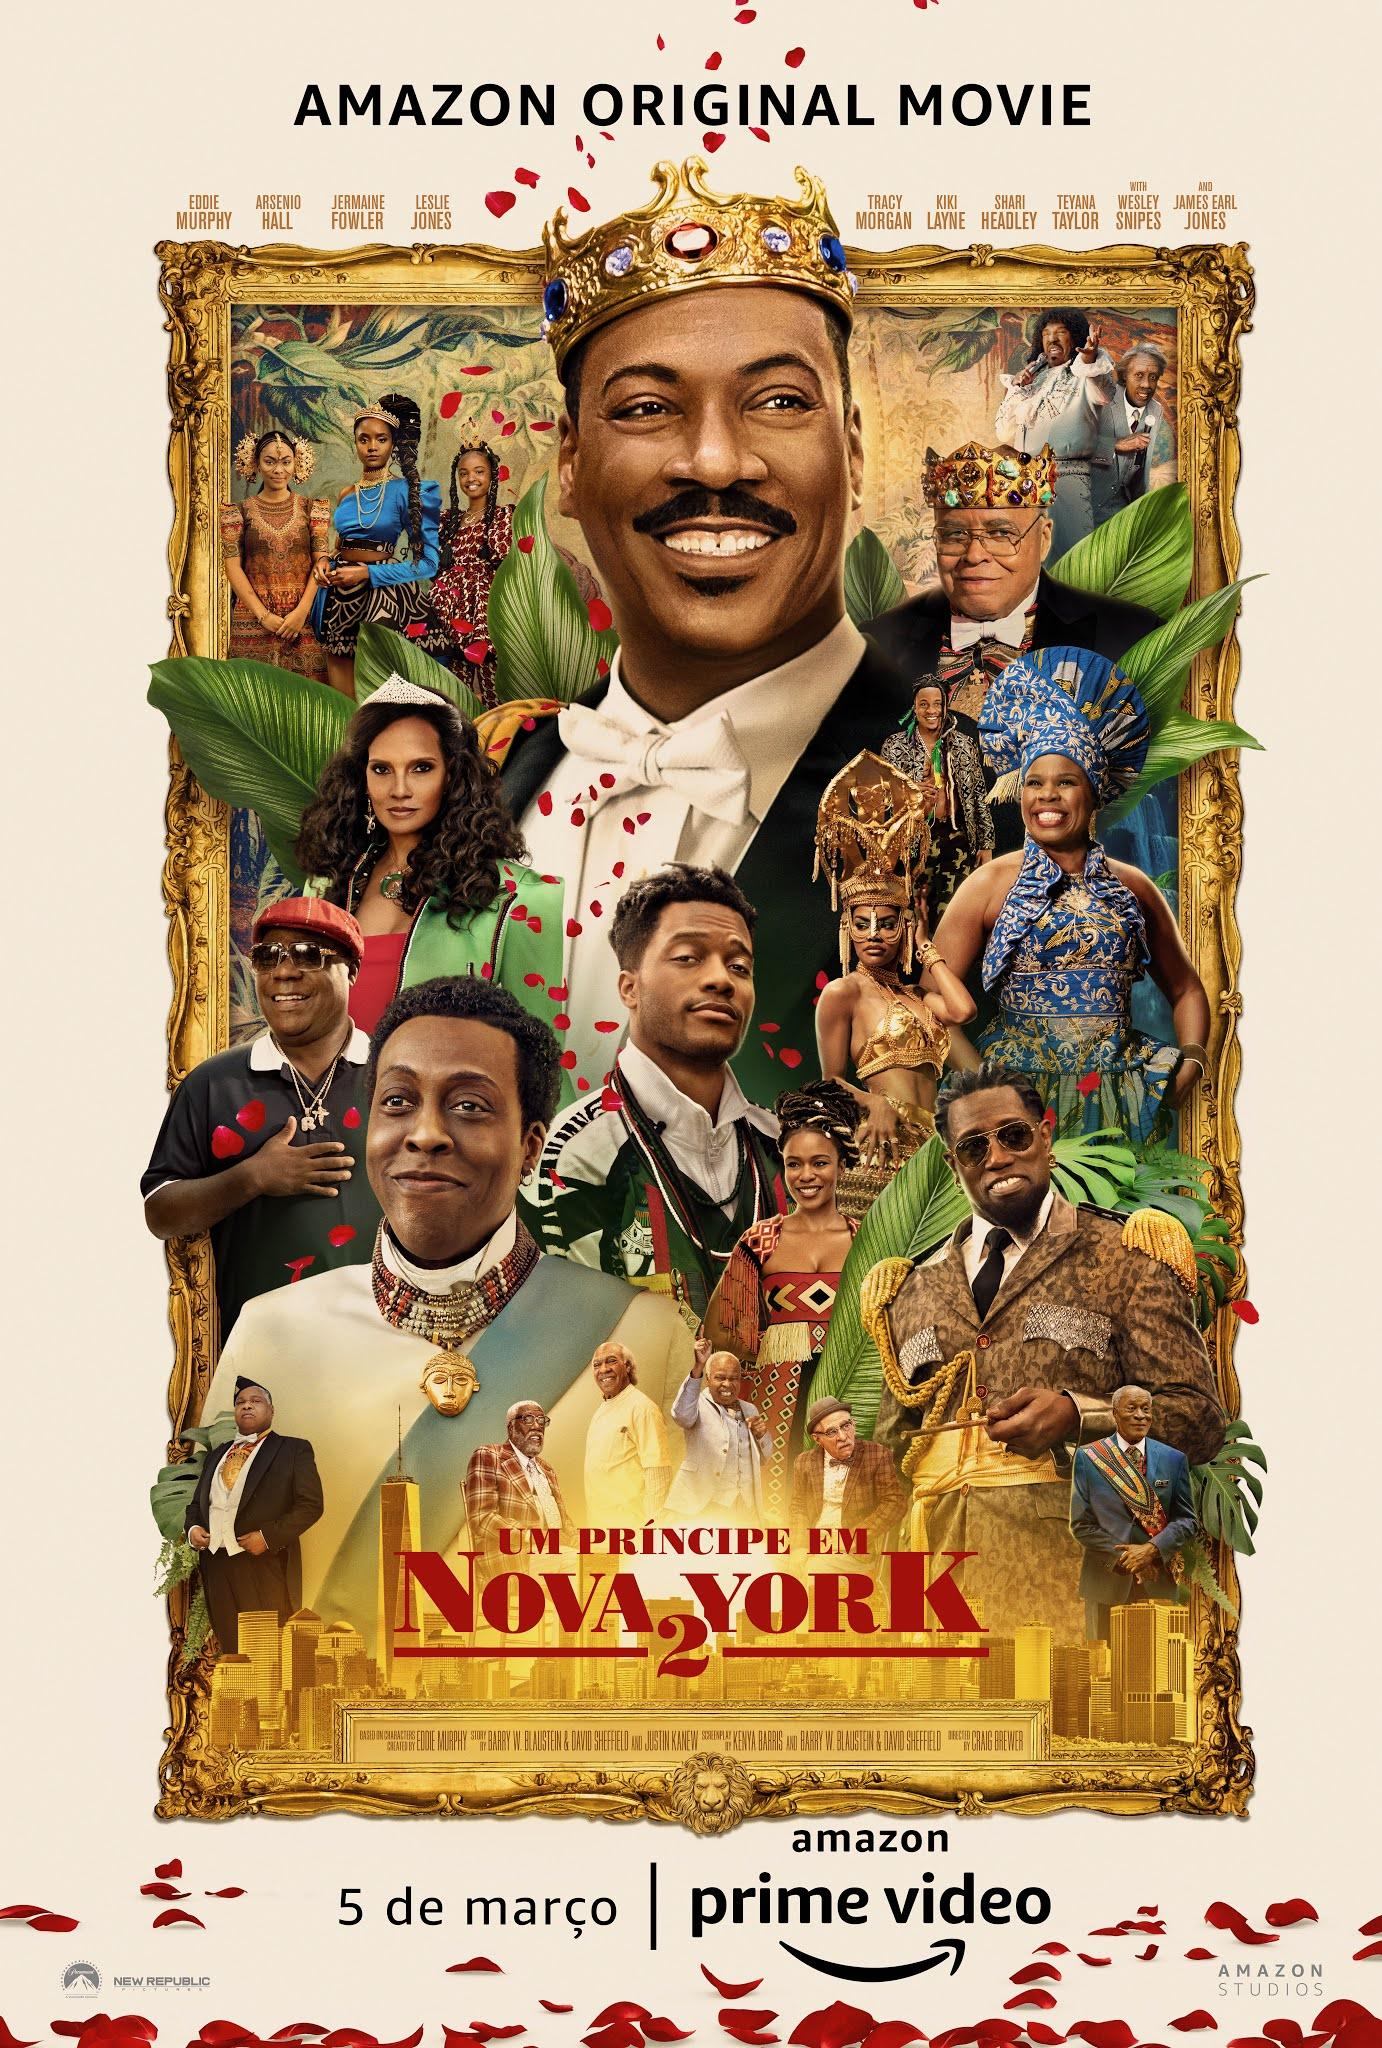 Um Príncipe em Nova York 2 | Lançamento Mundial em Março - Pipocando Noticias